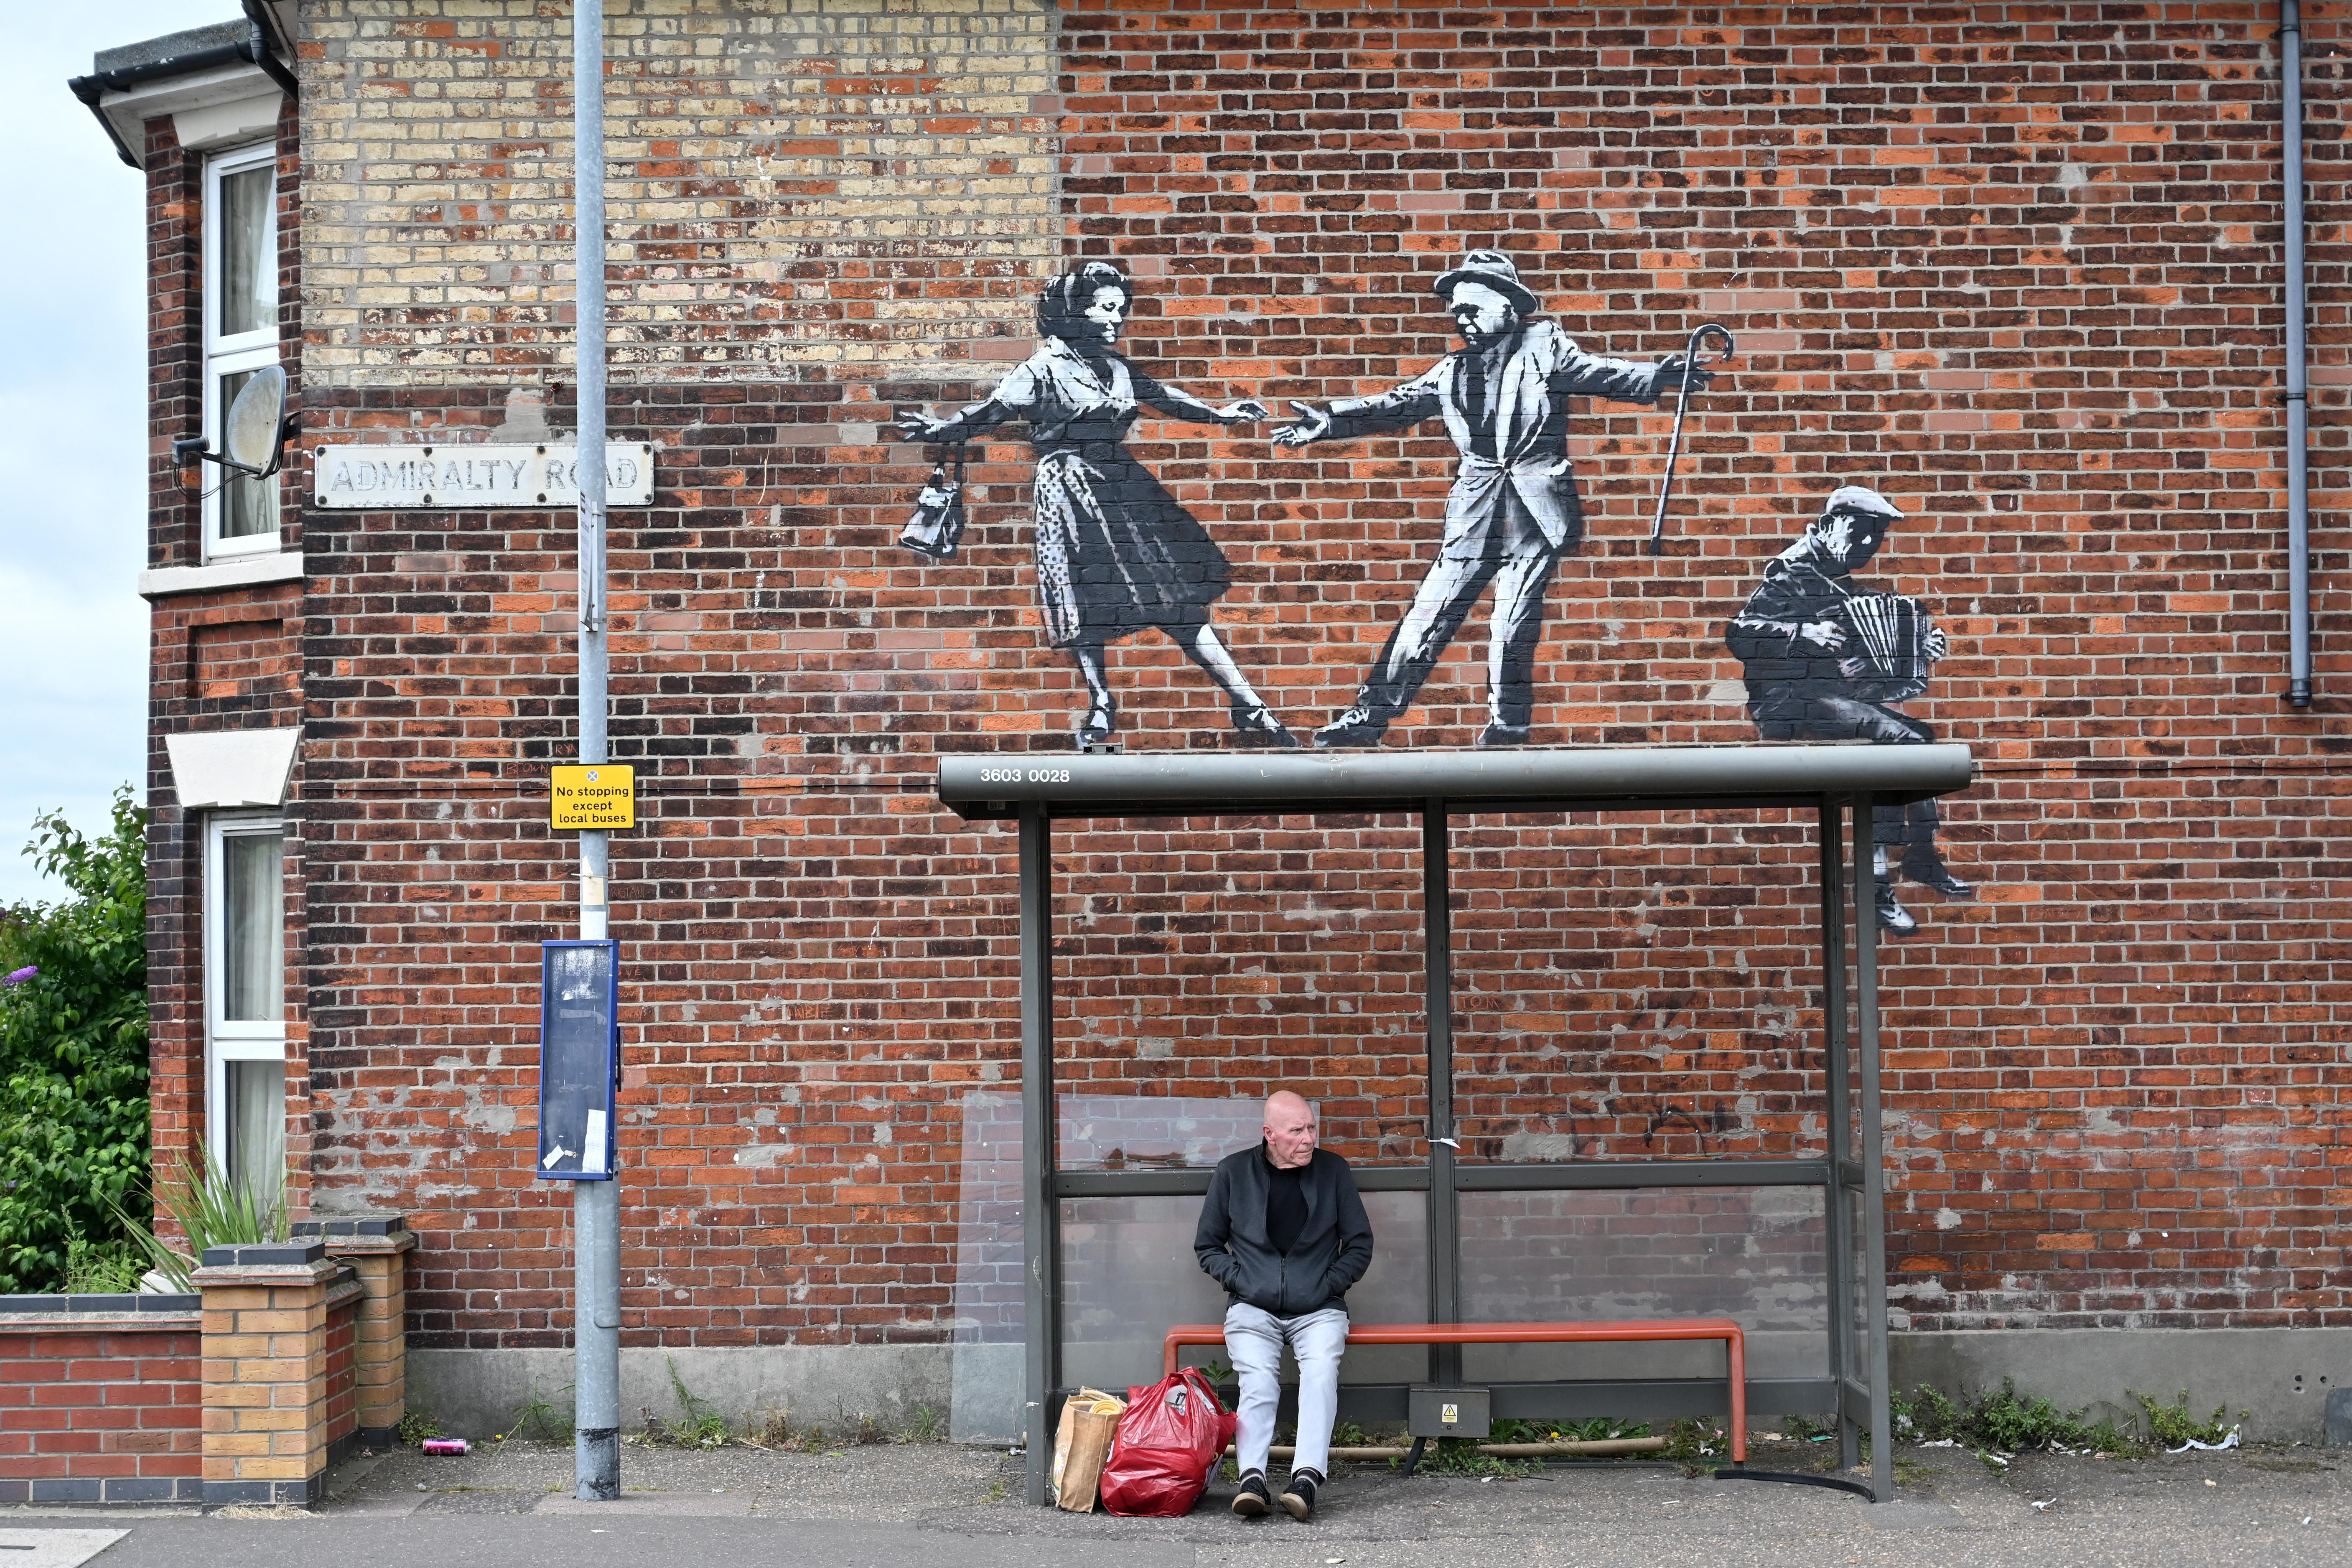 Egy halom új Banksy-graffiti jelent meg kelet-angliai városokban